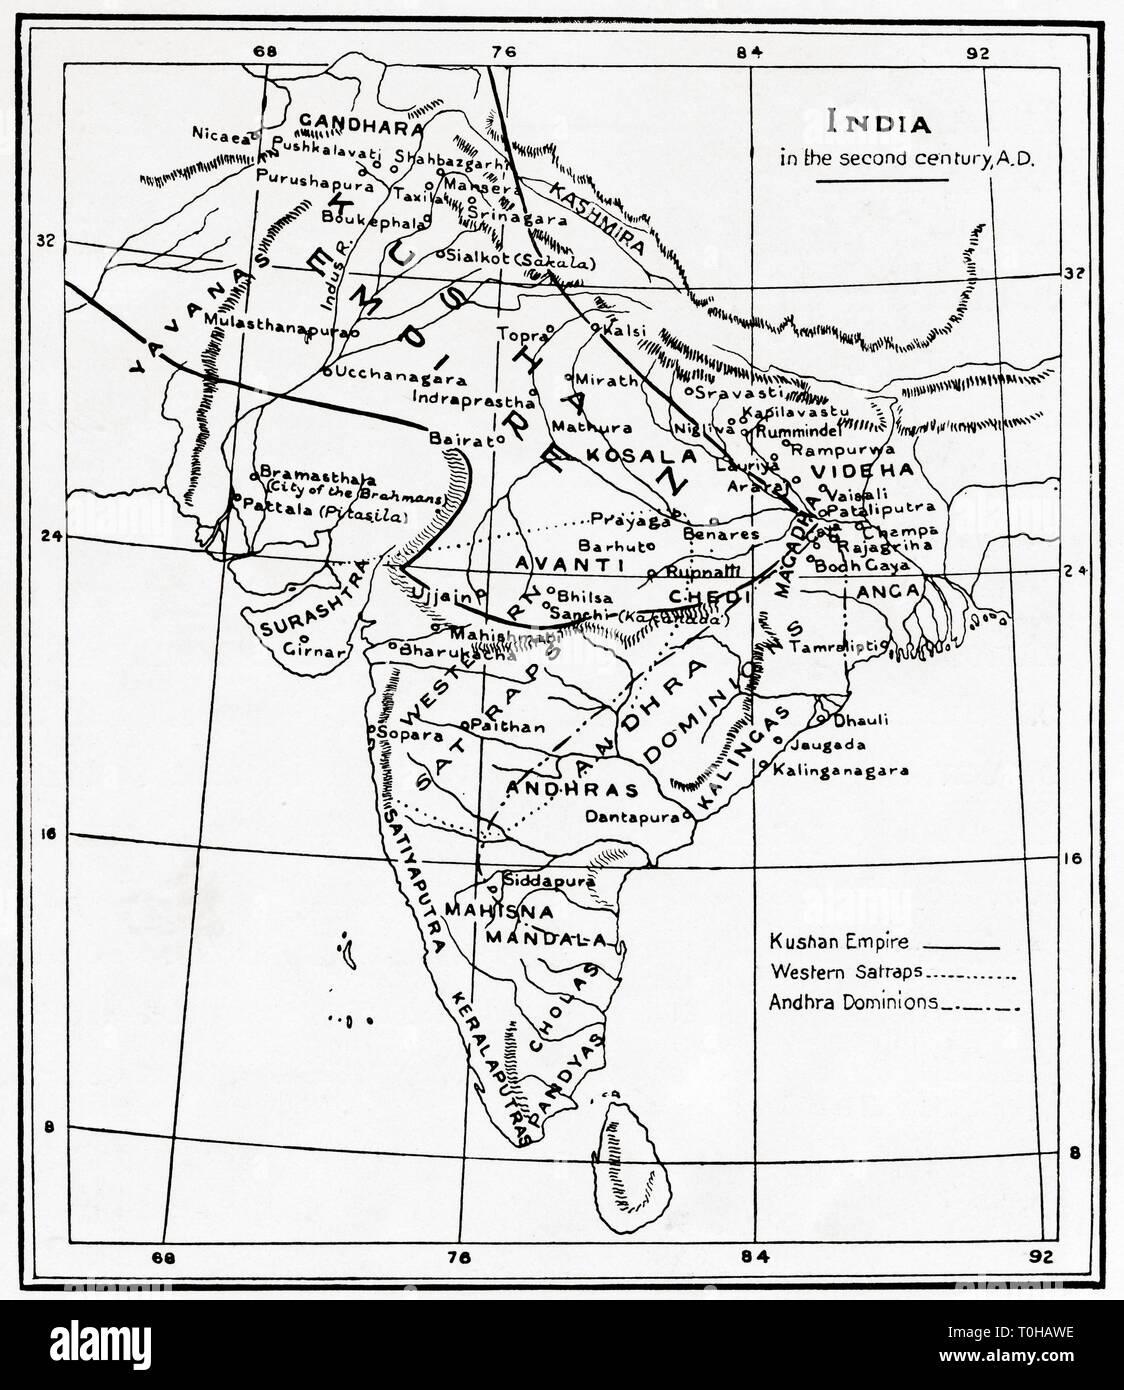 Carte de l'Inde dans le deuxième siècle de notre ère Photo Stock